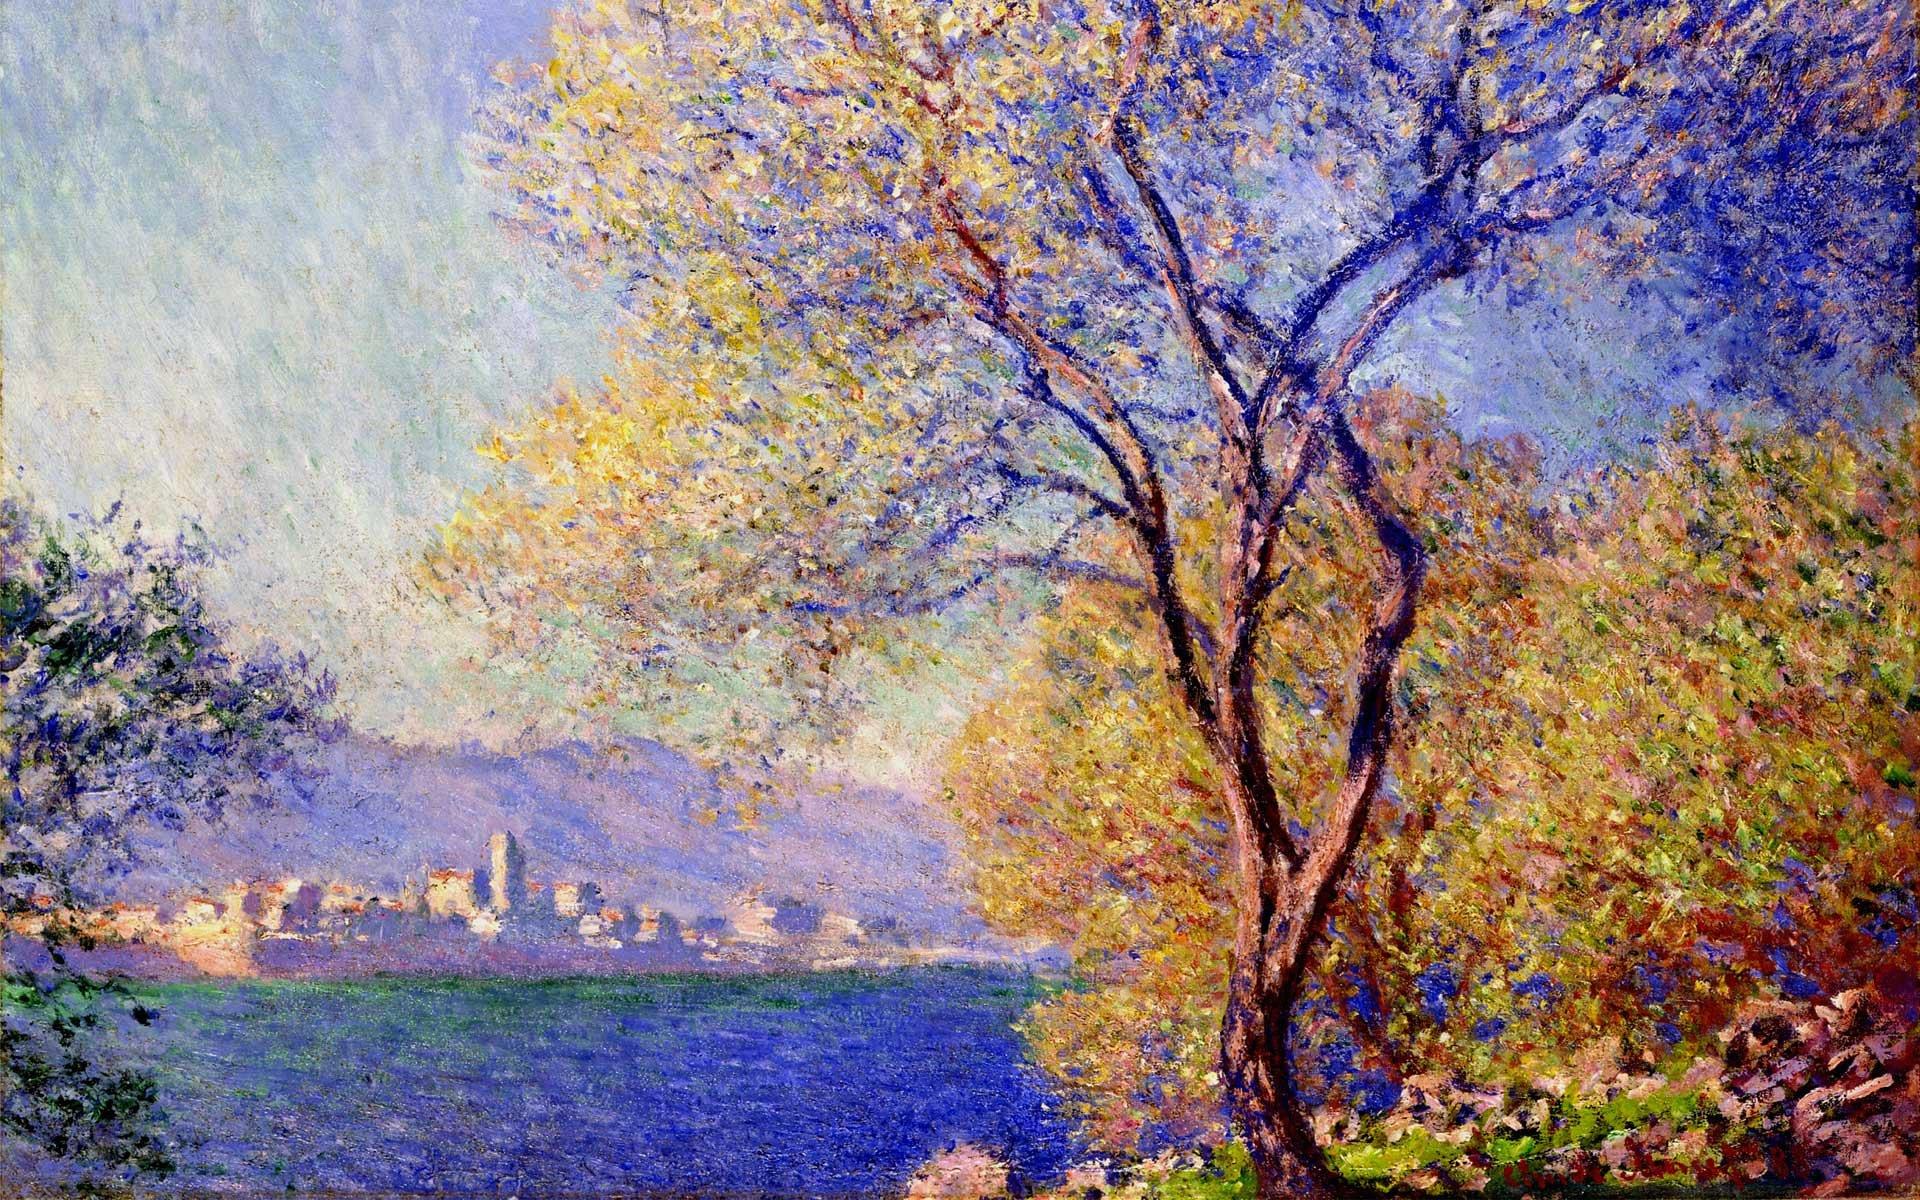 южные пейзажи < Антиб, вид из садов Салис >:: Клод Моне, описание картины - Claude Monet фото